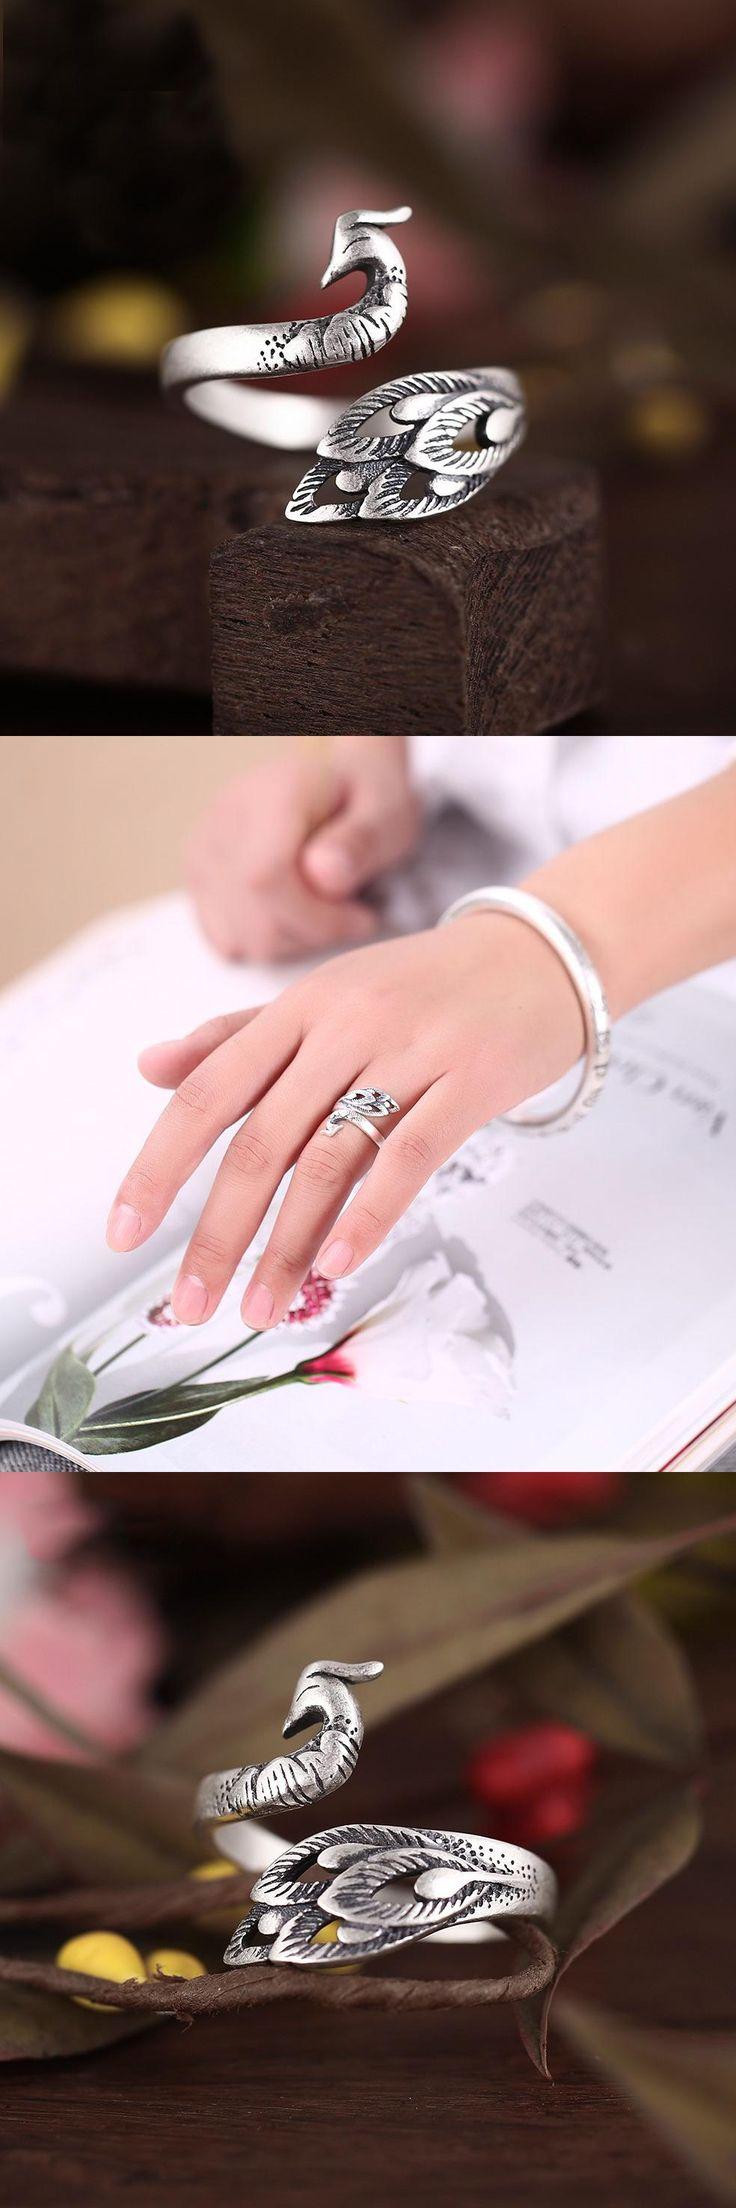 10978 best Rings images on Pinterest | Best gift for boyfriend, Best ...